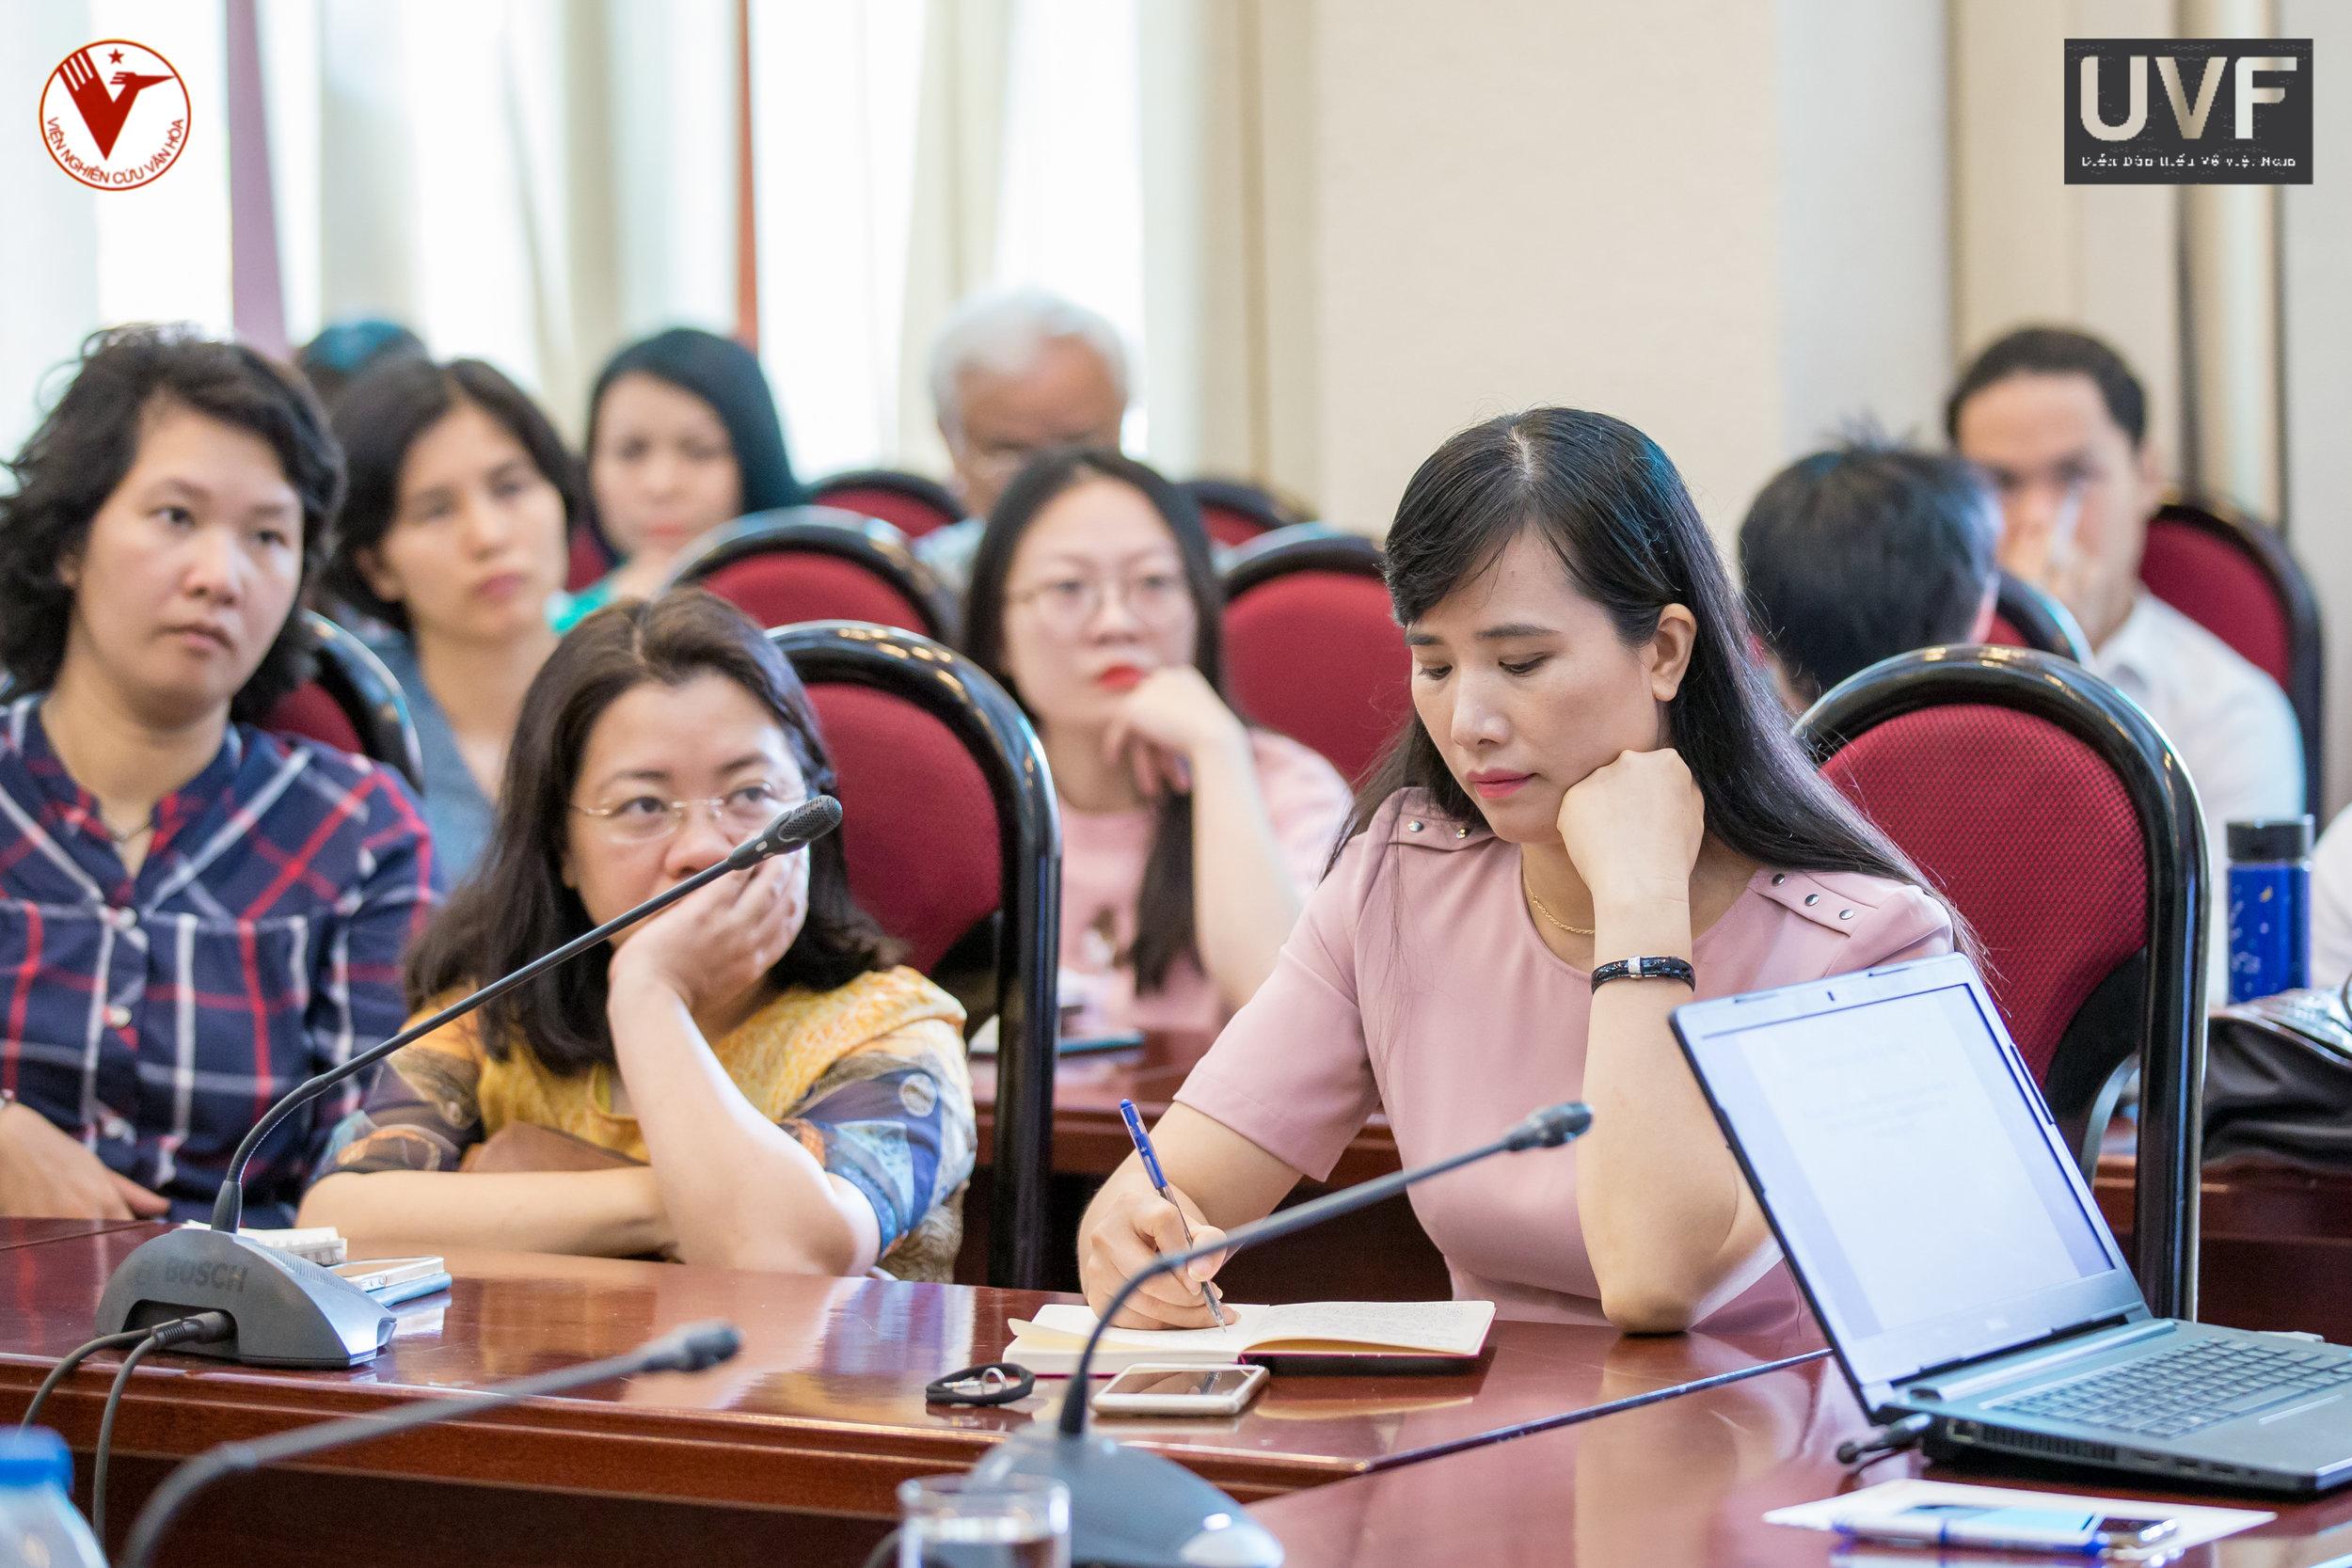 PGS. TS. Nguyễn thị phương châm, viện trưởng viện nghiên cứu văn hoá (ics) và bà lương minh ngọc, viện trưởng viện nghiên cứu xã hội, kinh tế và môi trường (isee) cũng có mặt tại toạ đàm.